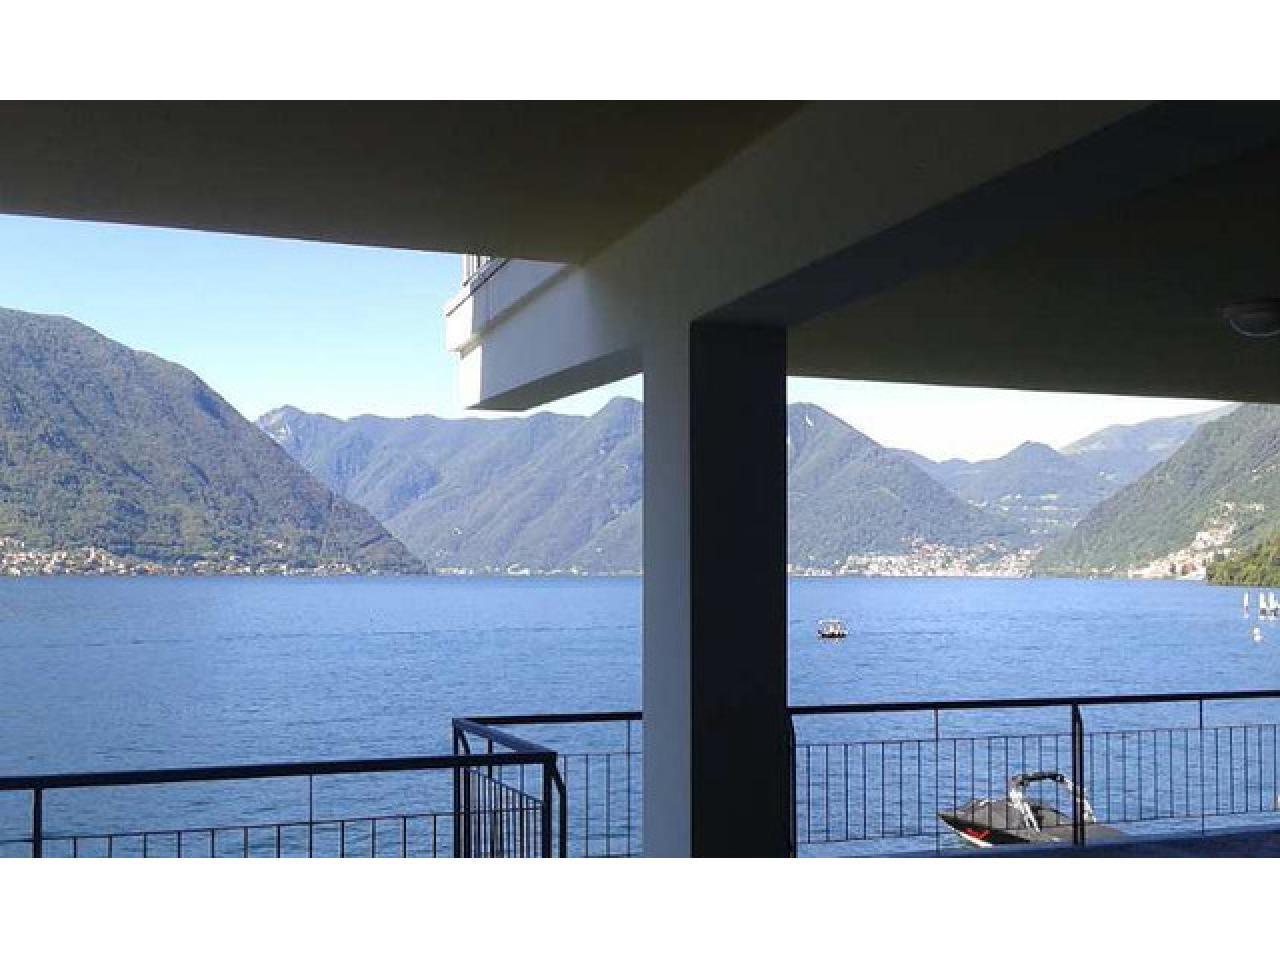 Вилла в городе Ленно (Италия) на озере Комо - 10